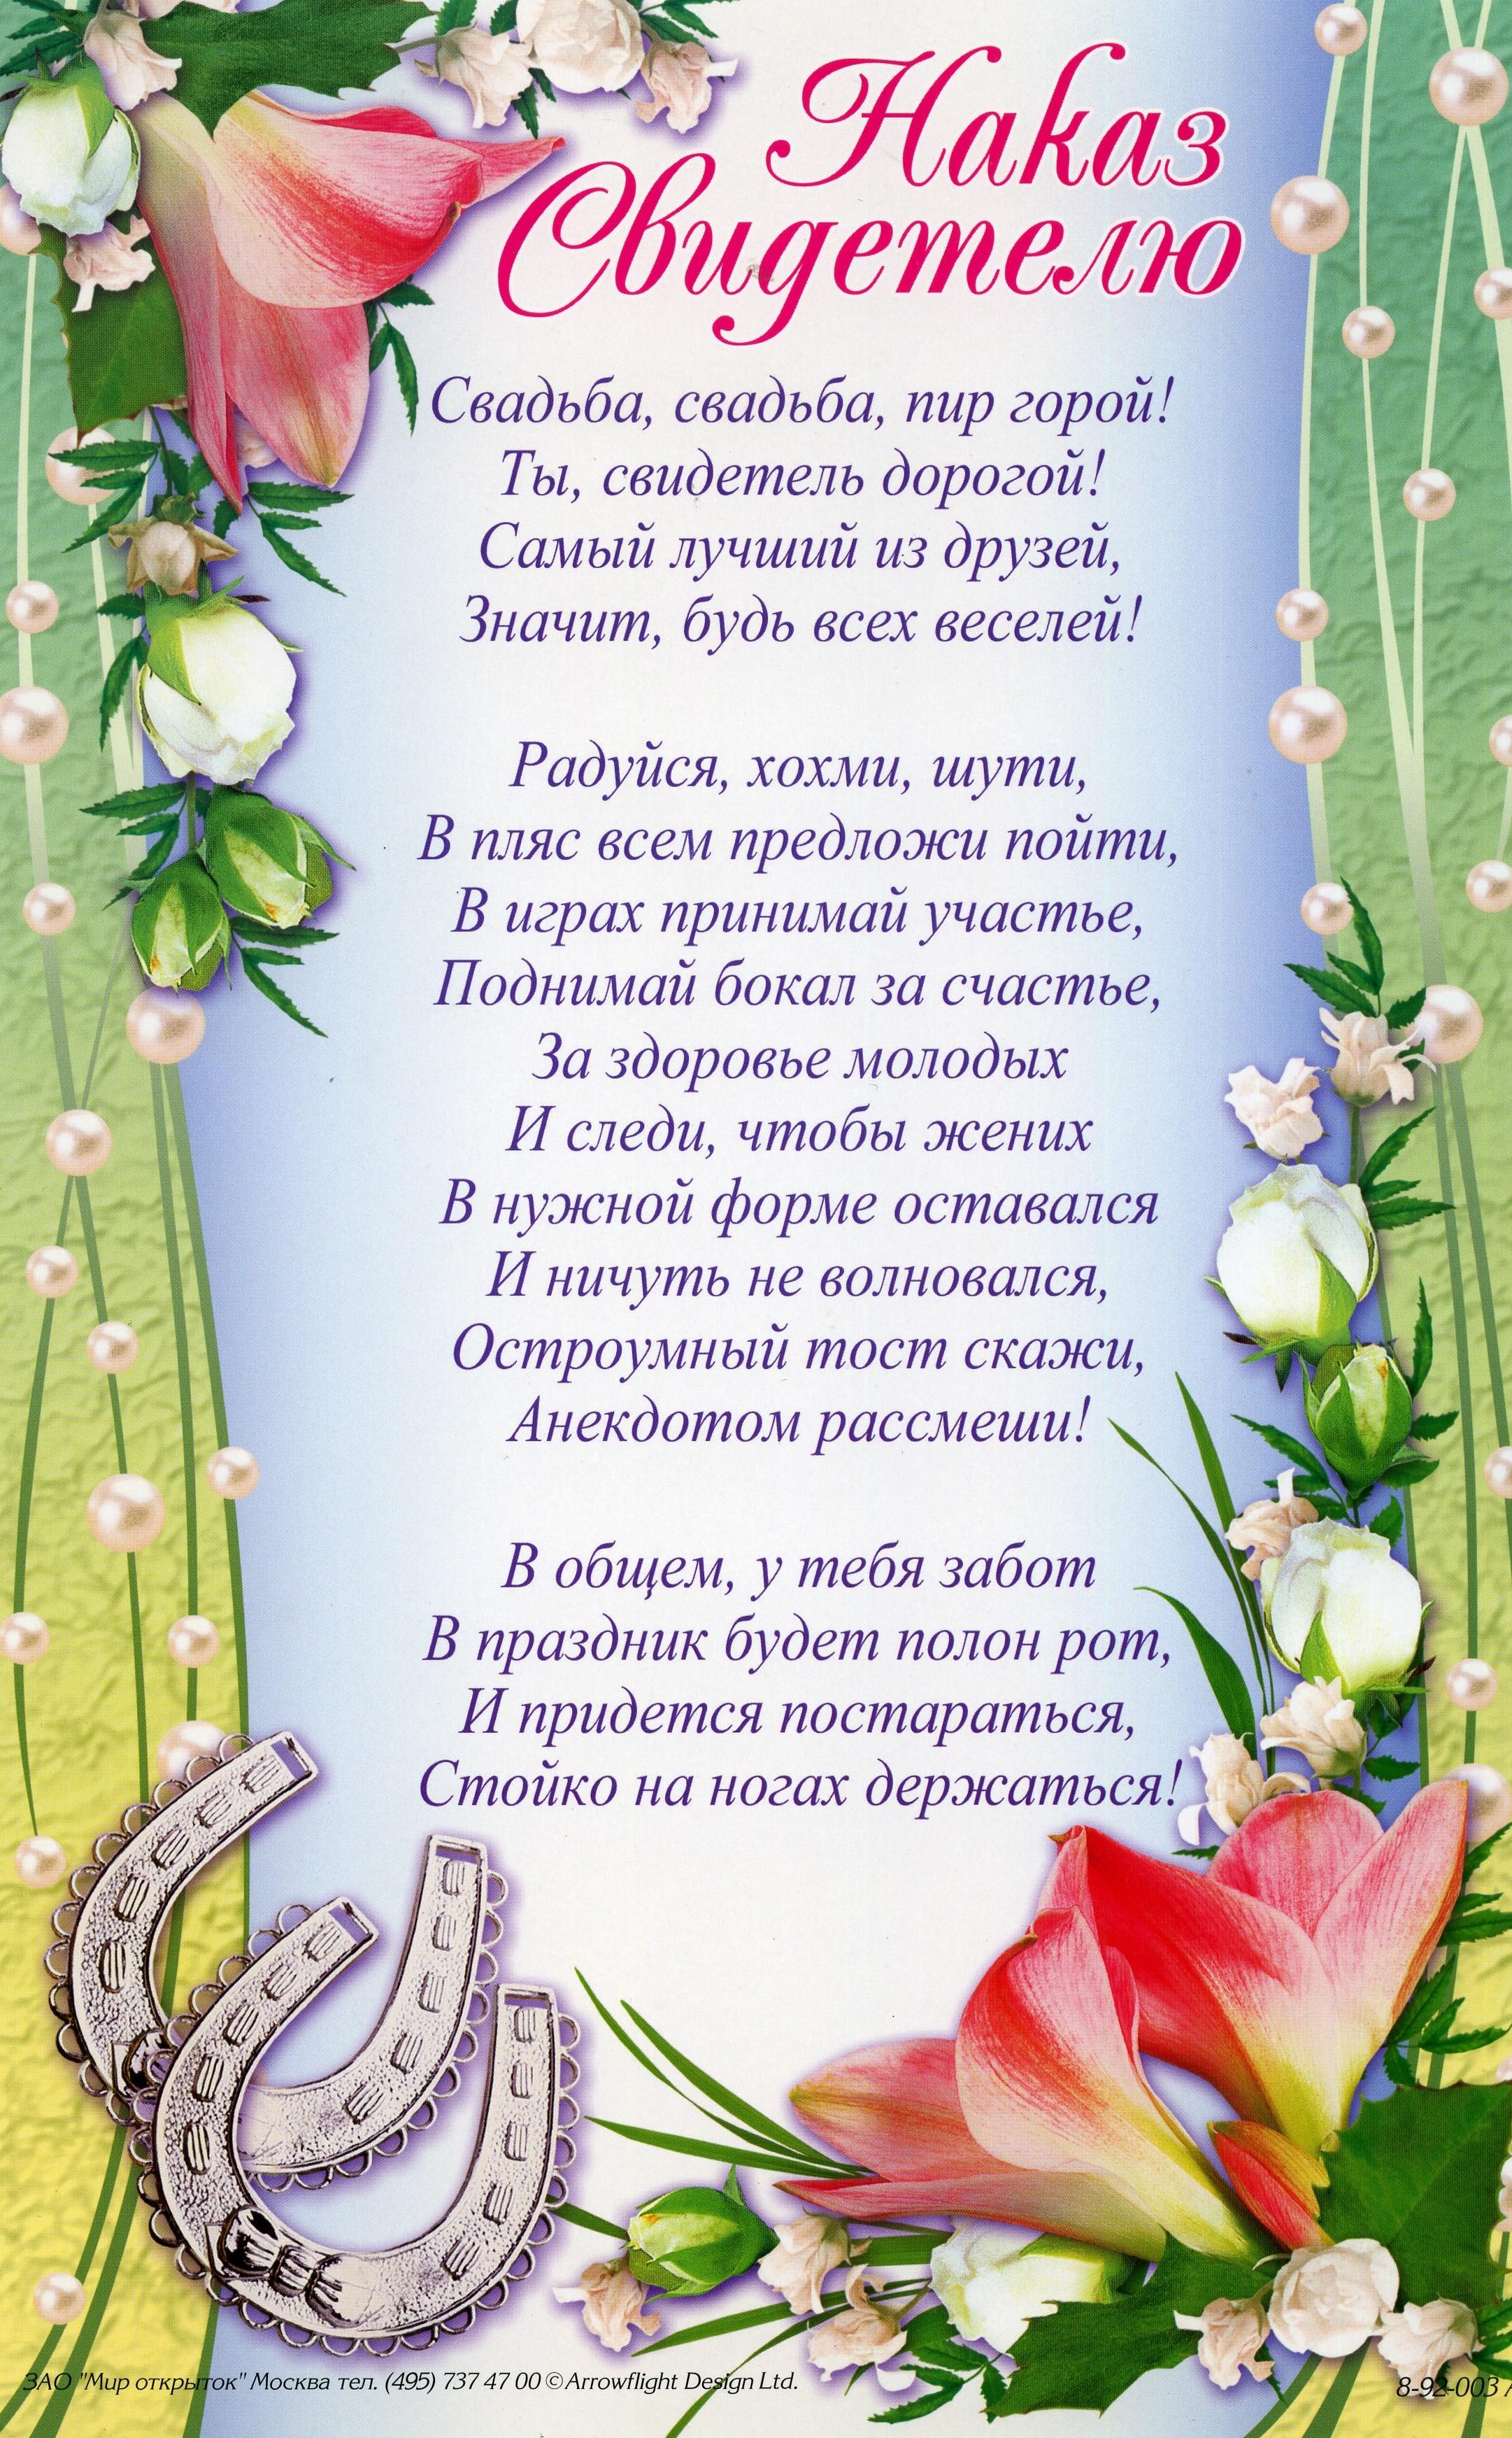 Поздравление в прозе с днем свадьбы от свидетельницы